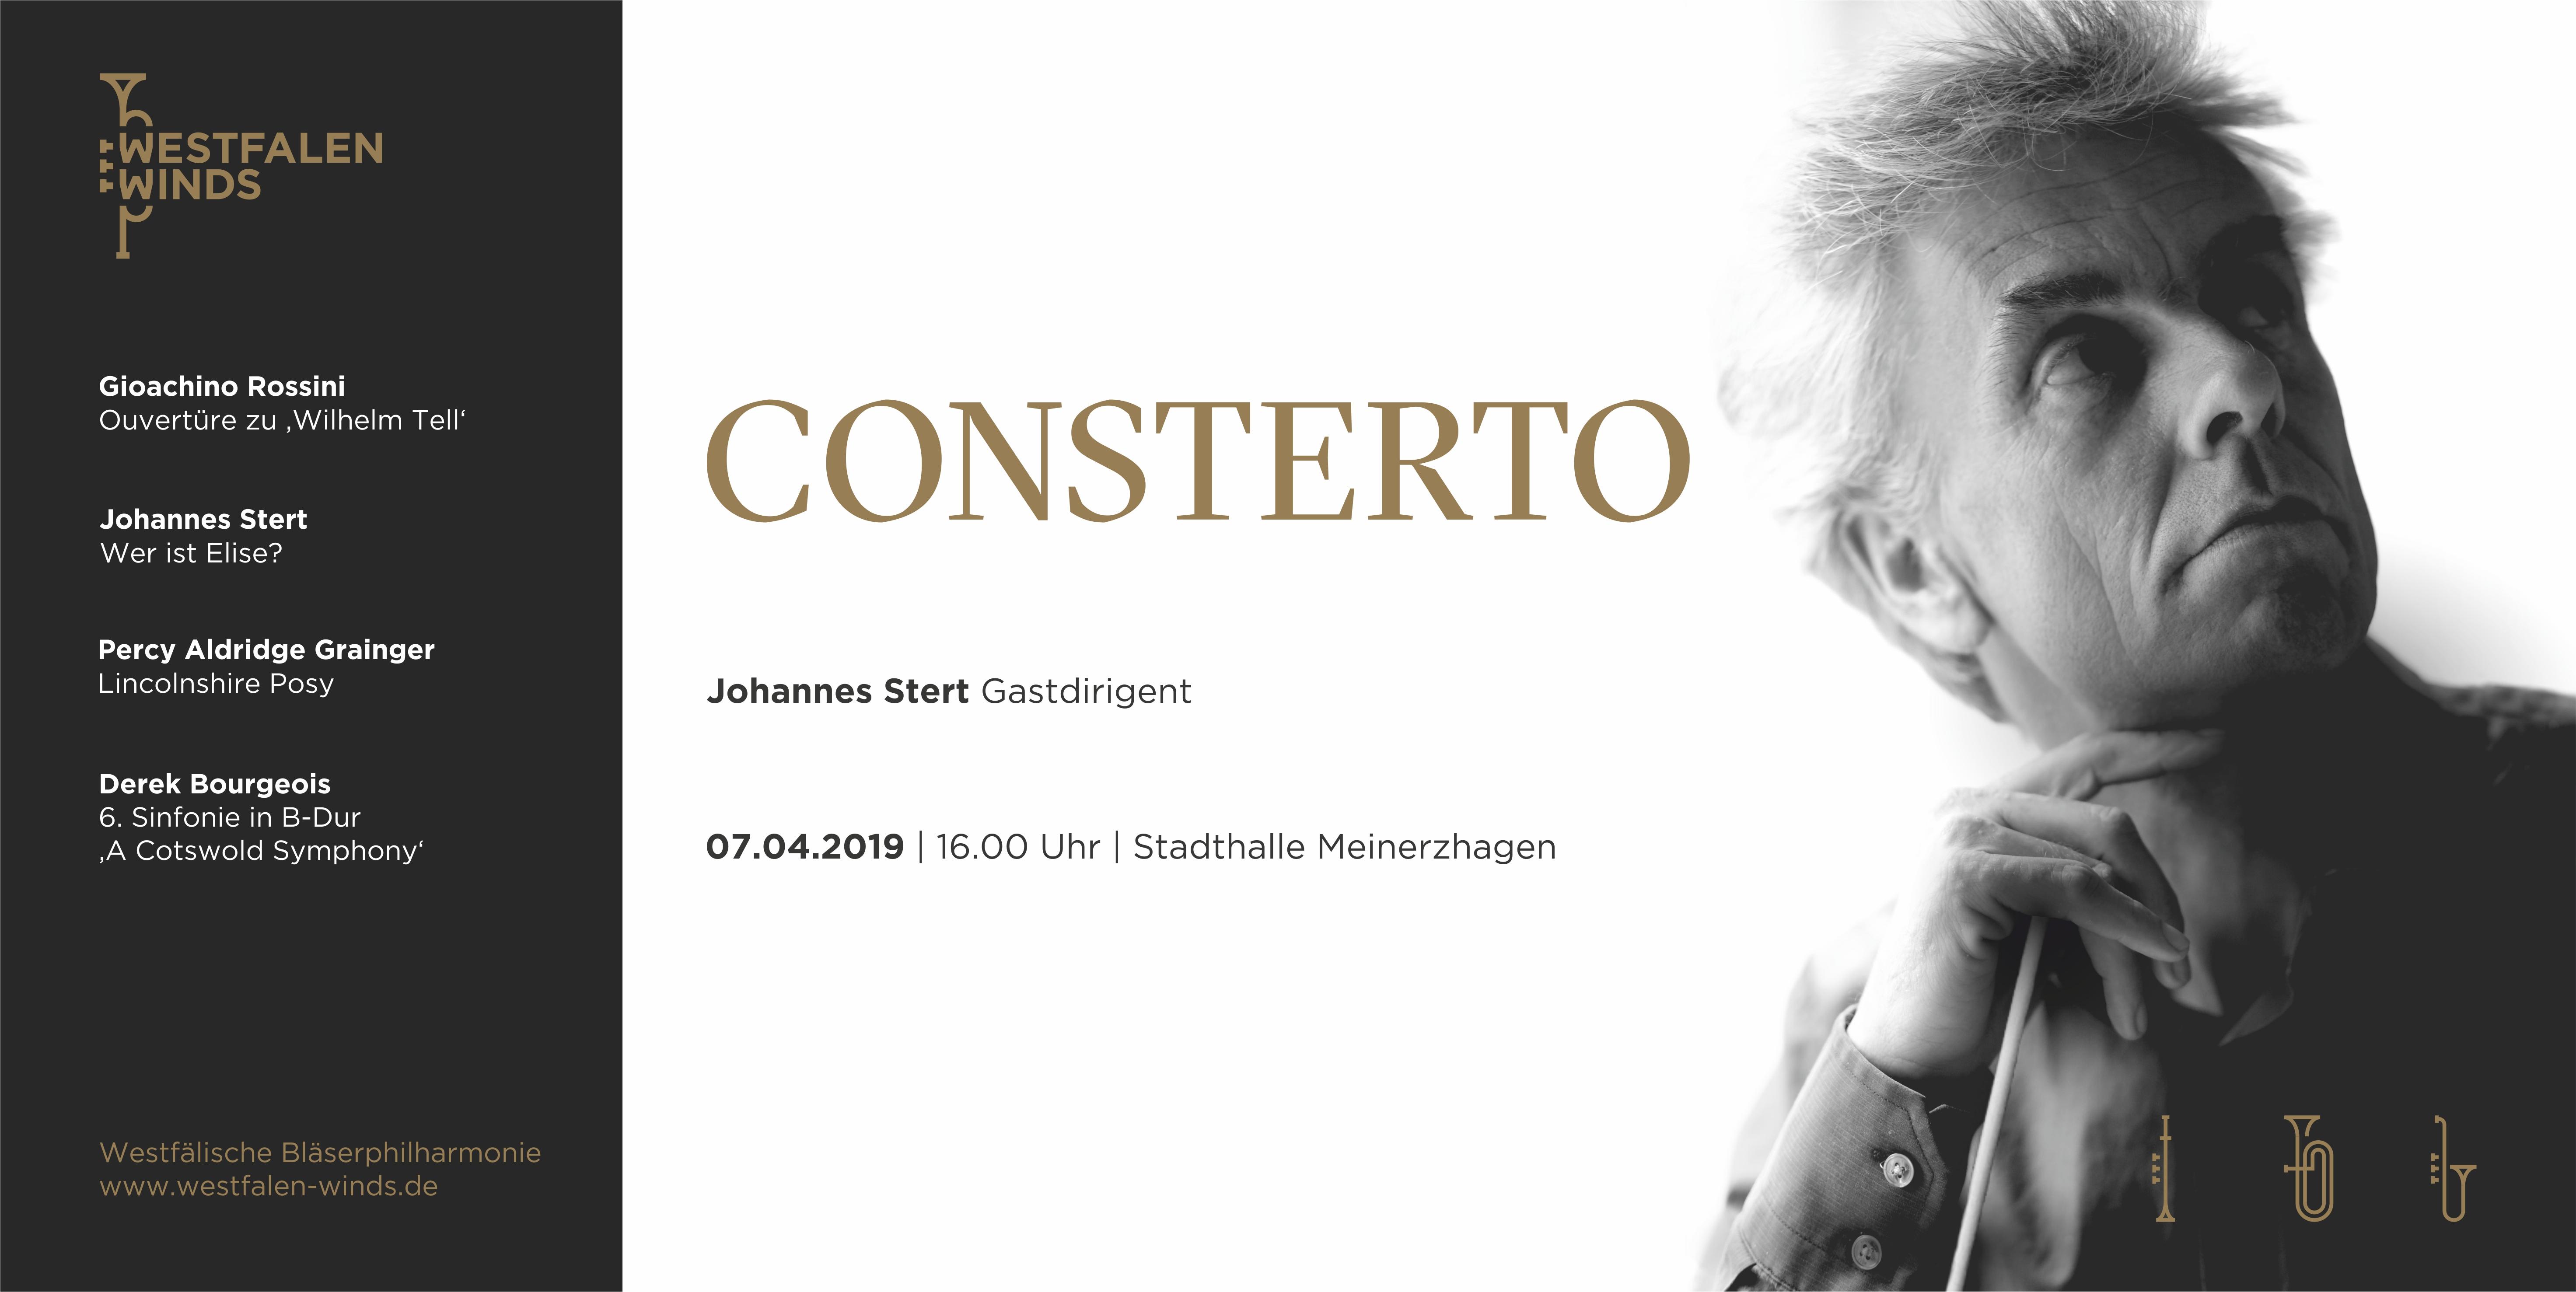 Consterto - Frühjahrsprojekt 2019 von Westfalen Winds